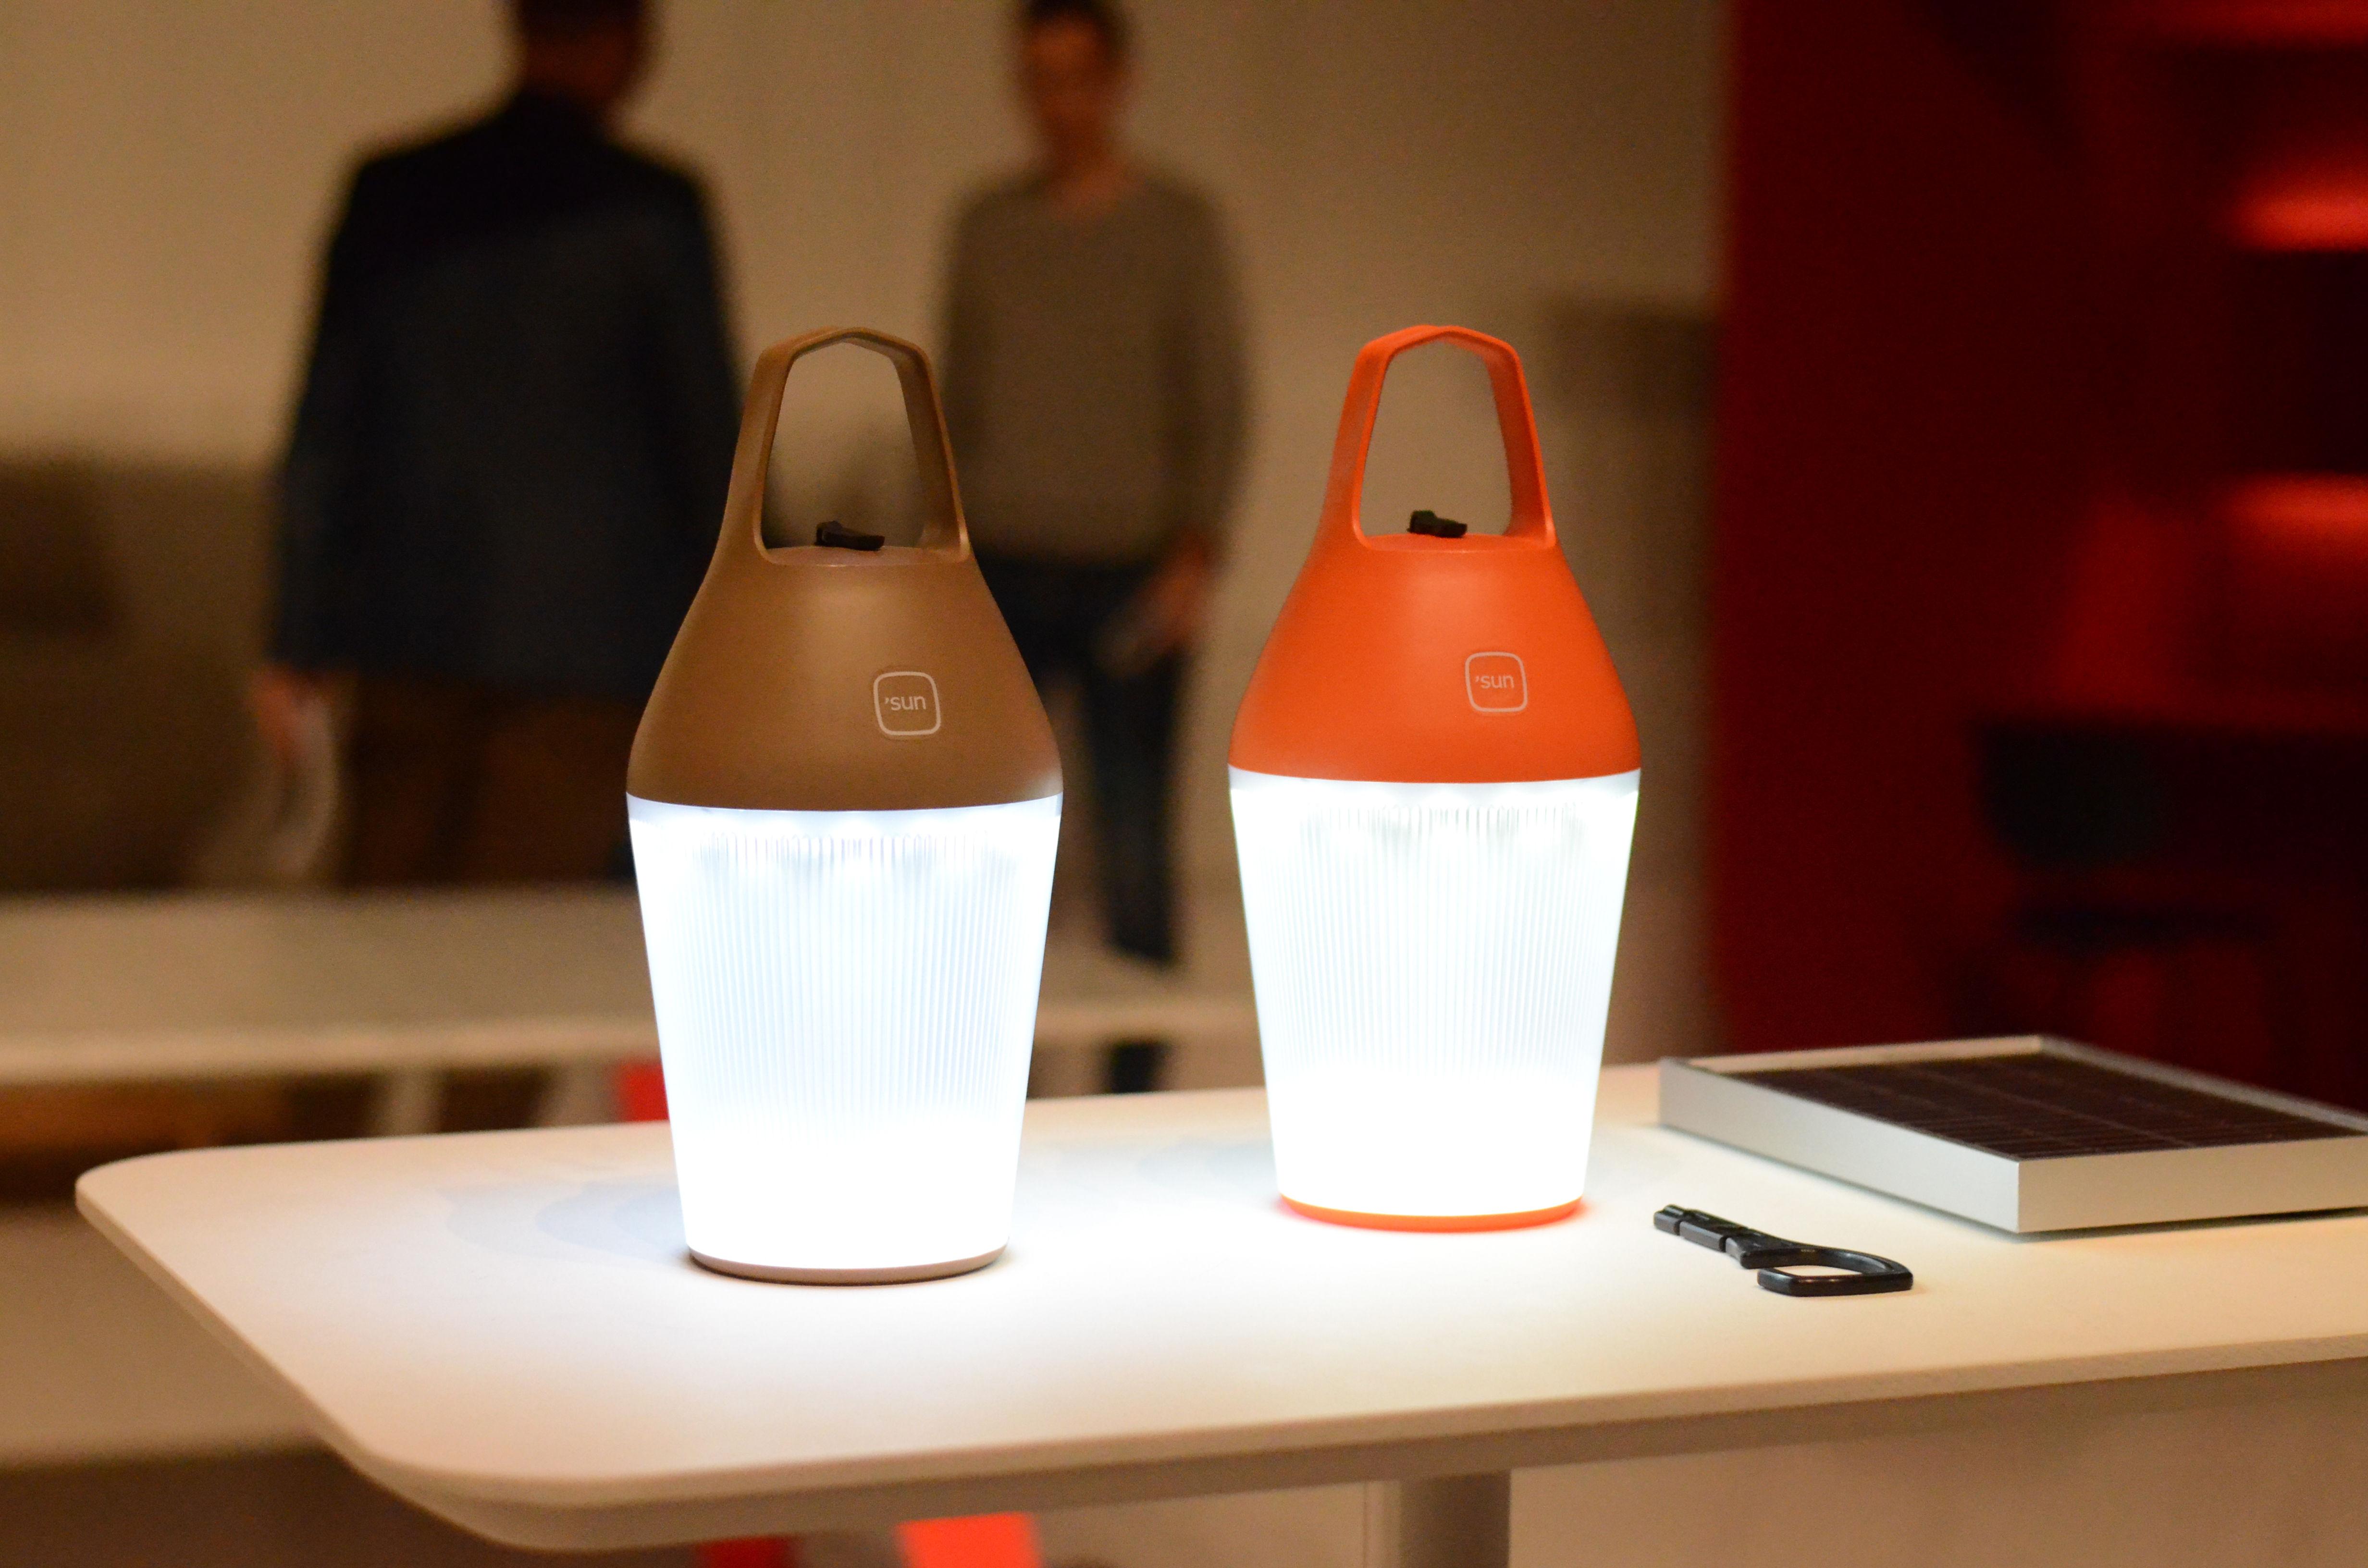 Scopri lampada senza fili nomad ricarica tramite elettricità ambre